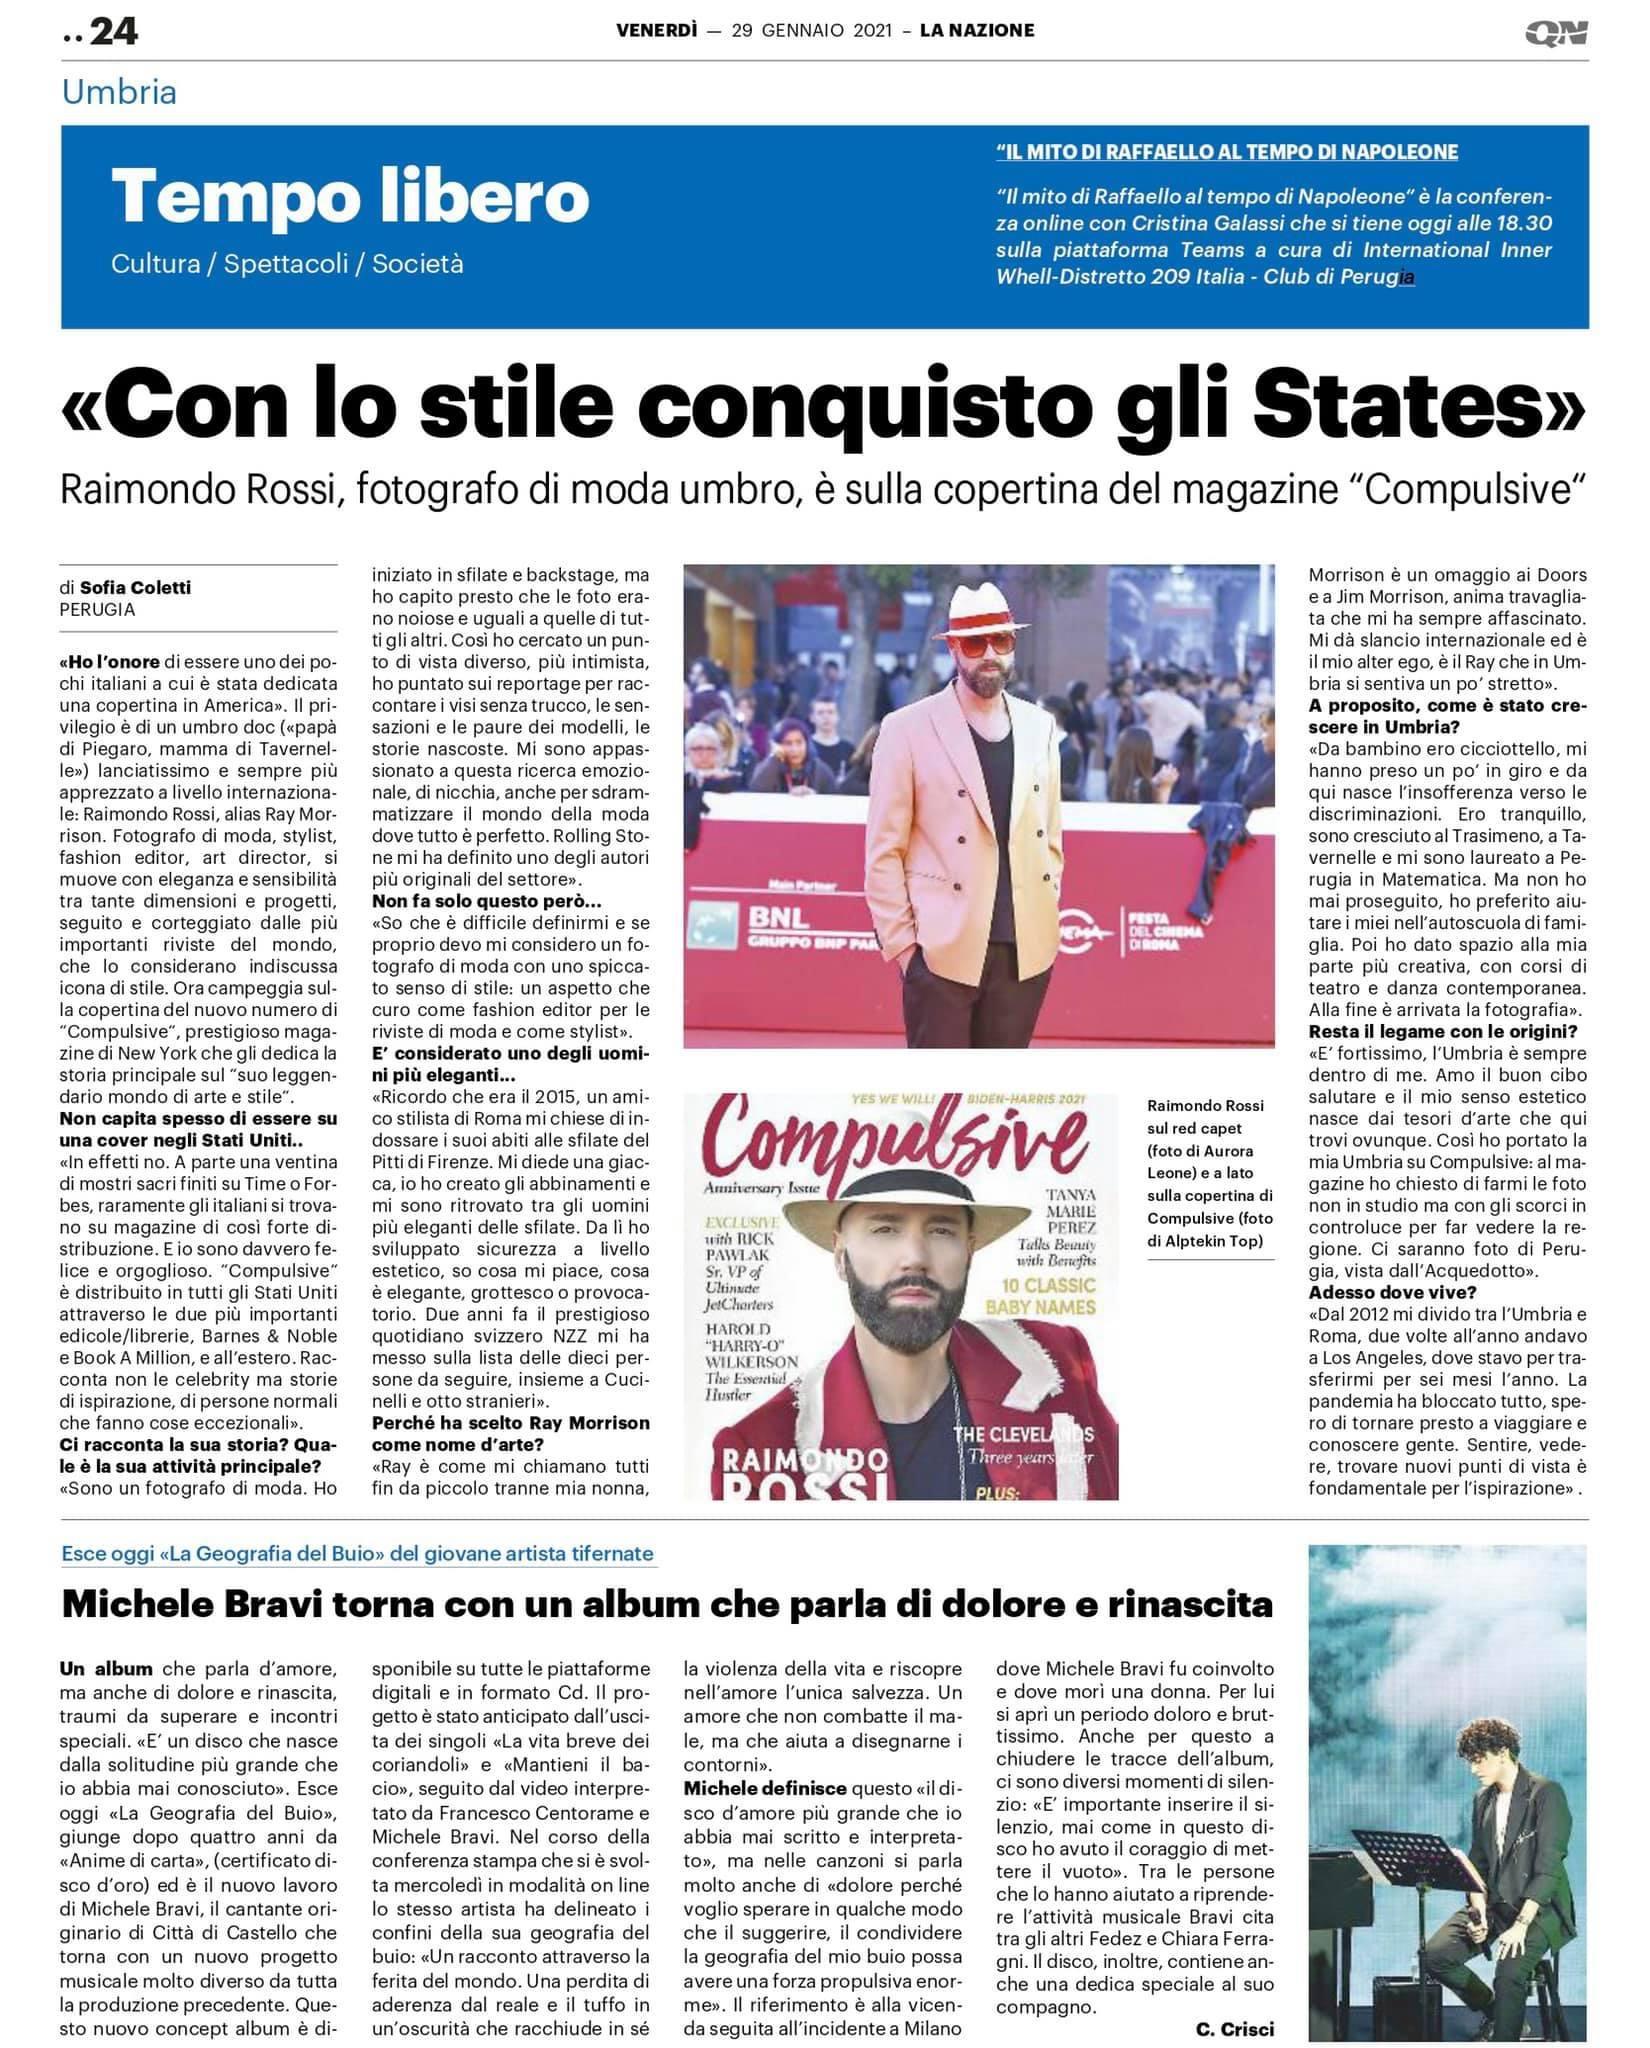 Raimondo Rossi Ray Morrison Compulsive La Nazione